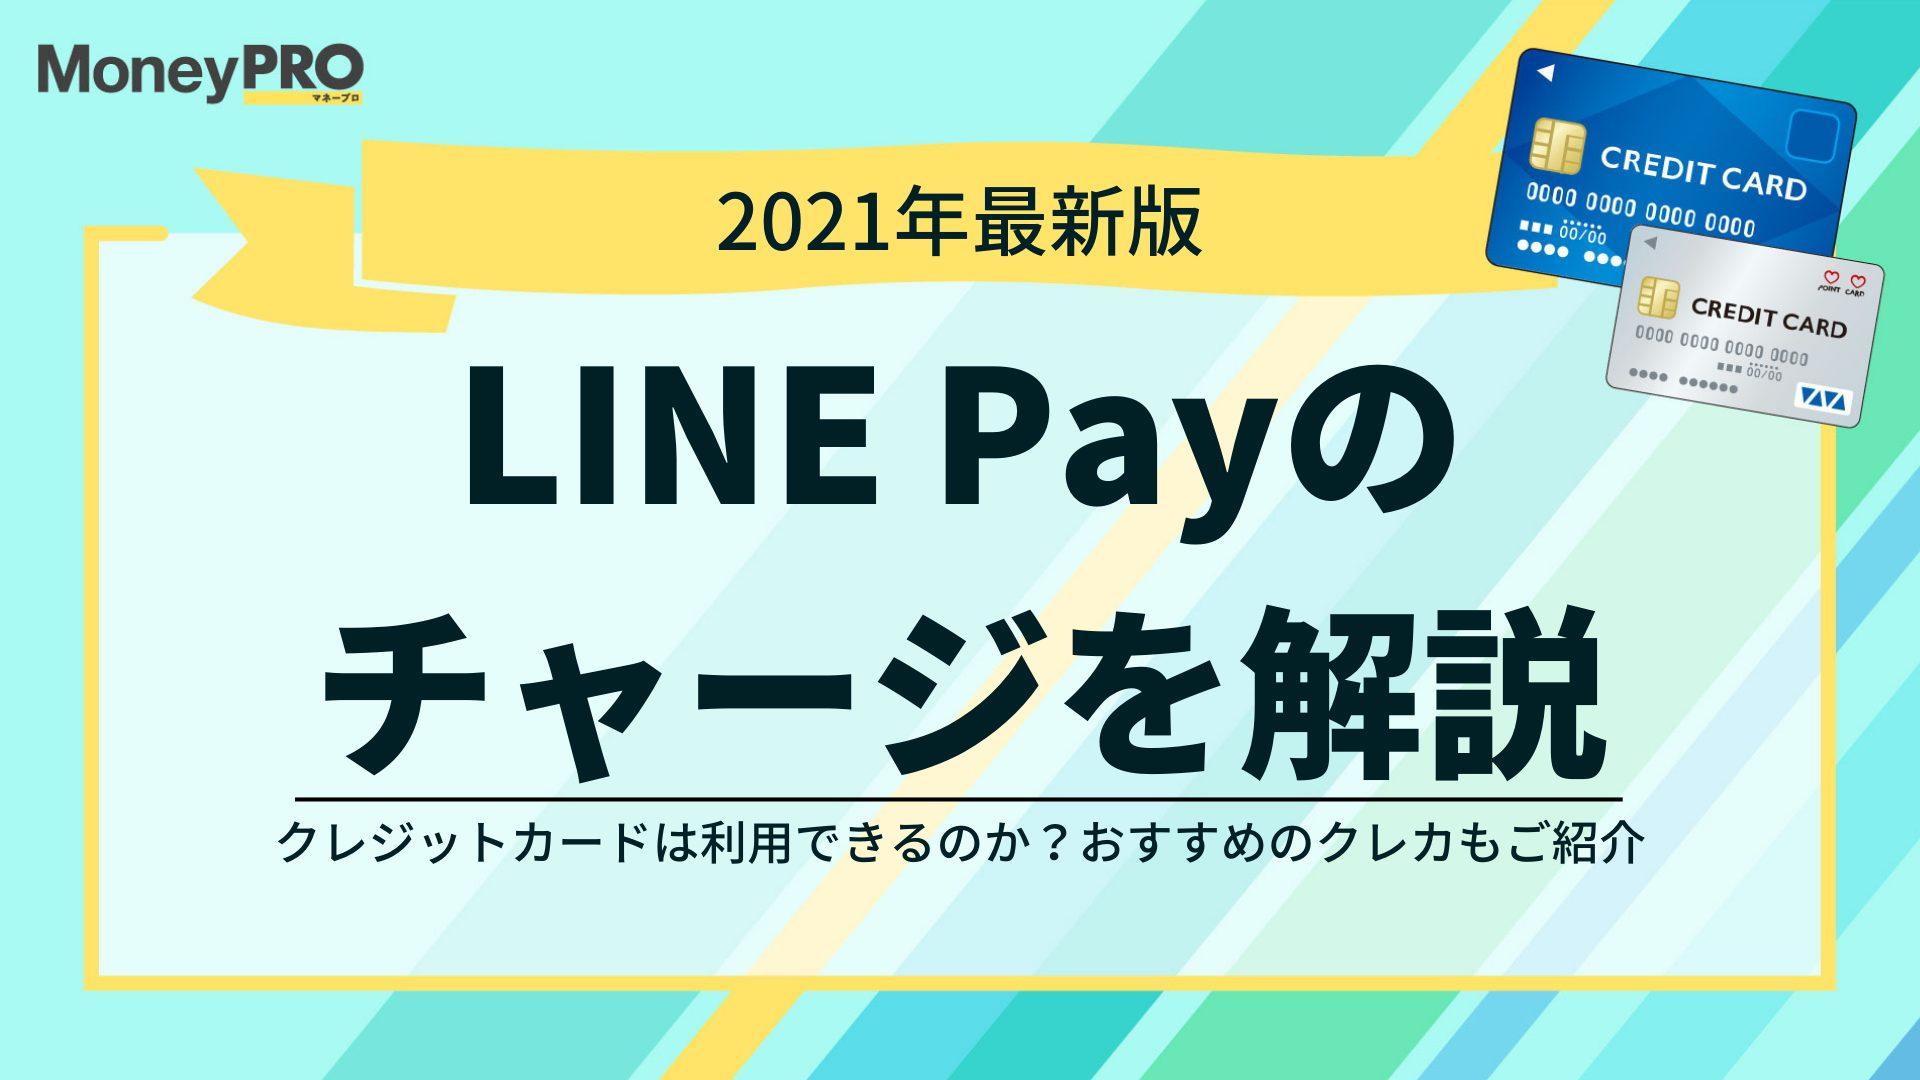 LINE Payはクレジットカードでチャージできる?方法やメリットを解説